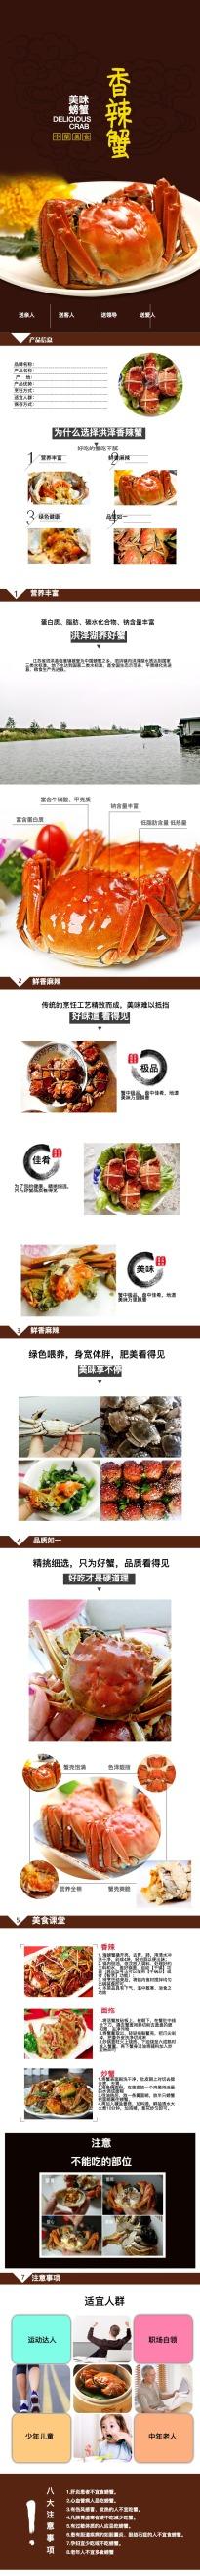 中国古典简约螃蟹海鲜电商详情图